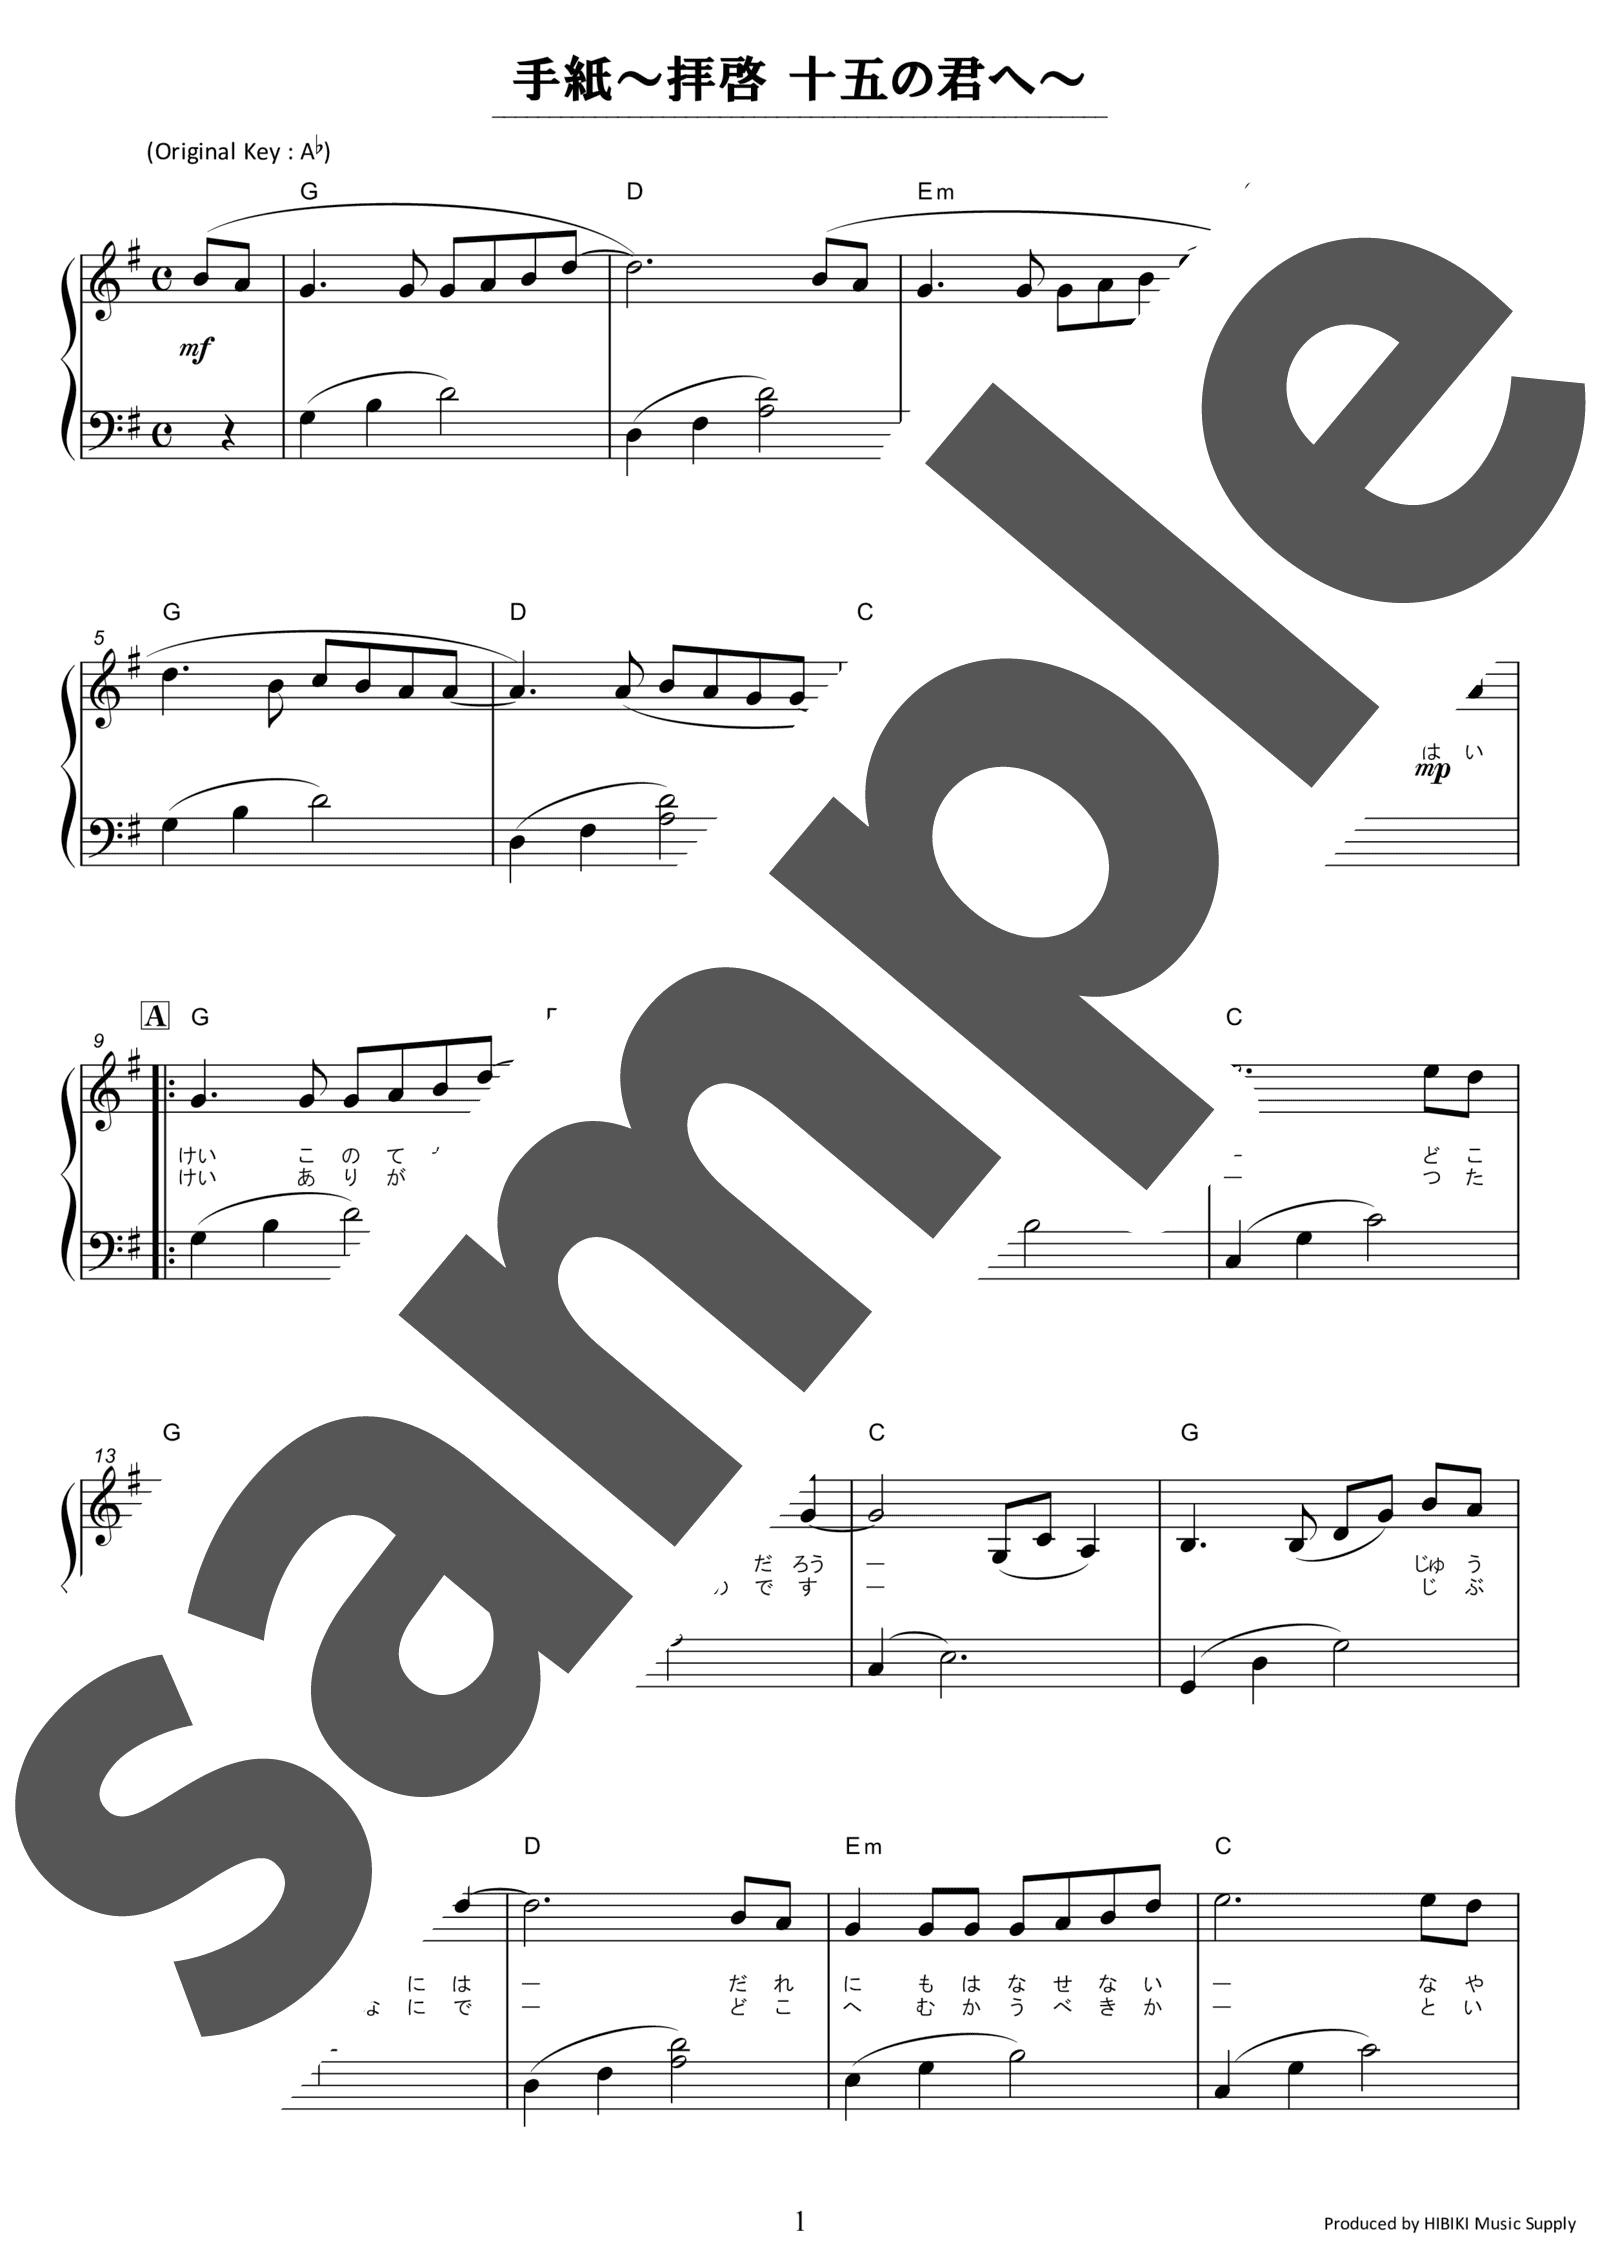 「手紙~拝啓十五の君へ~」のサンプル楽譜